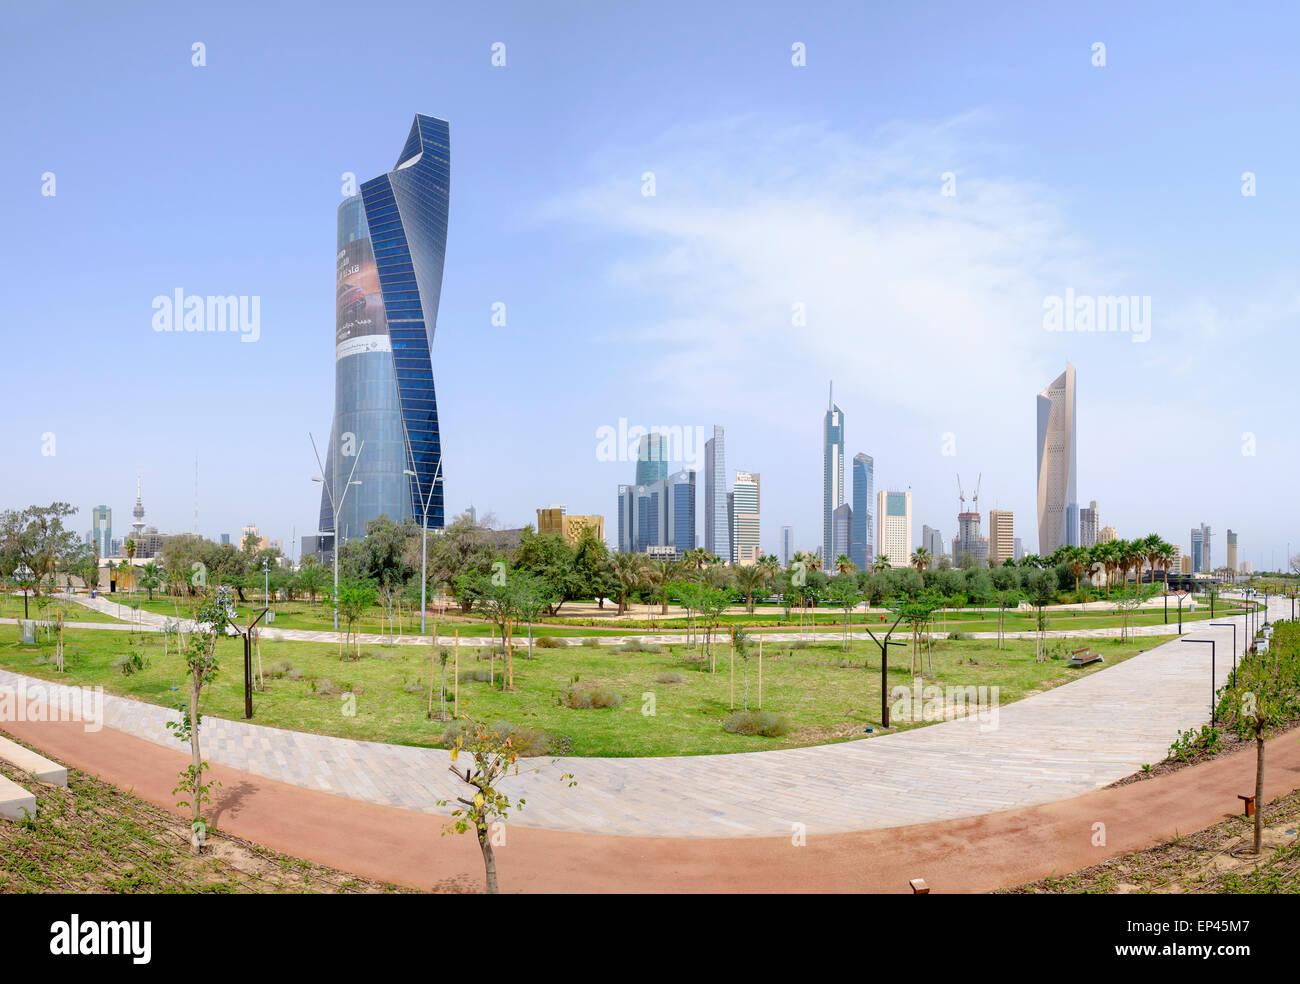 Skyline des Central Business District (CBD) vom neuen Al-Shaheed-Park in Kuwait-Stadt, Kuwait Stockbild